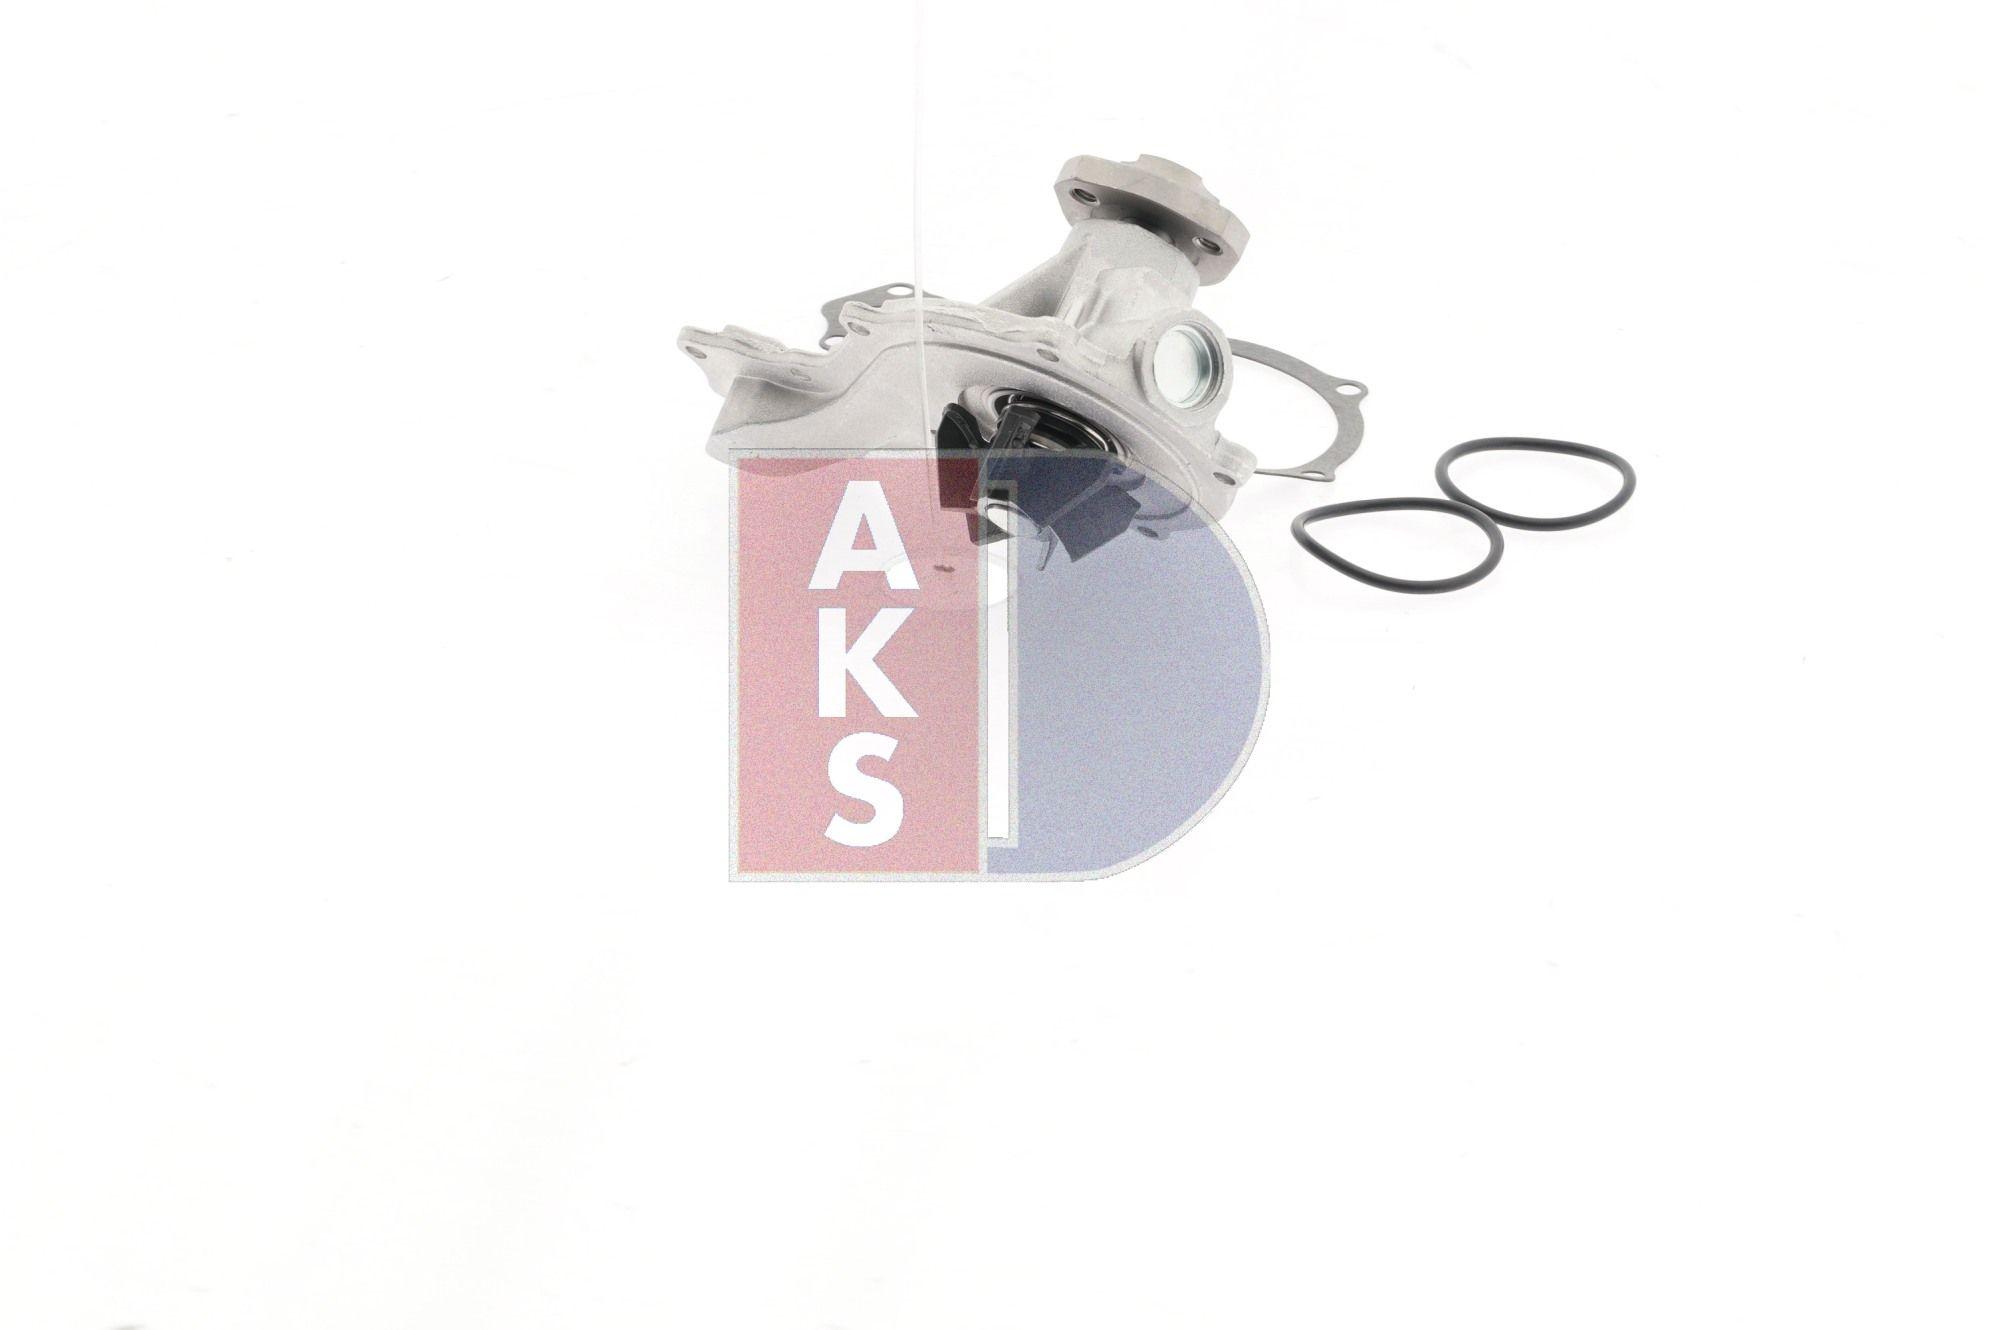 570003N Wasserpumpe AKS DASIS Erfahrung